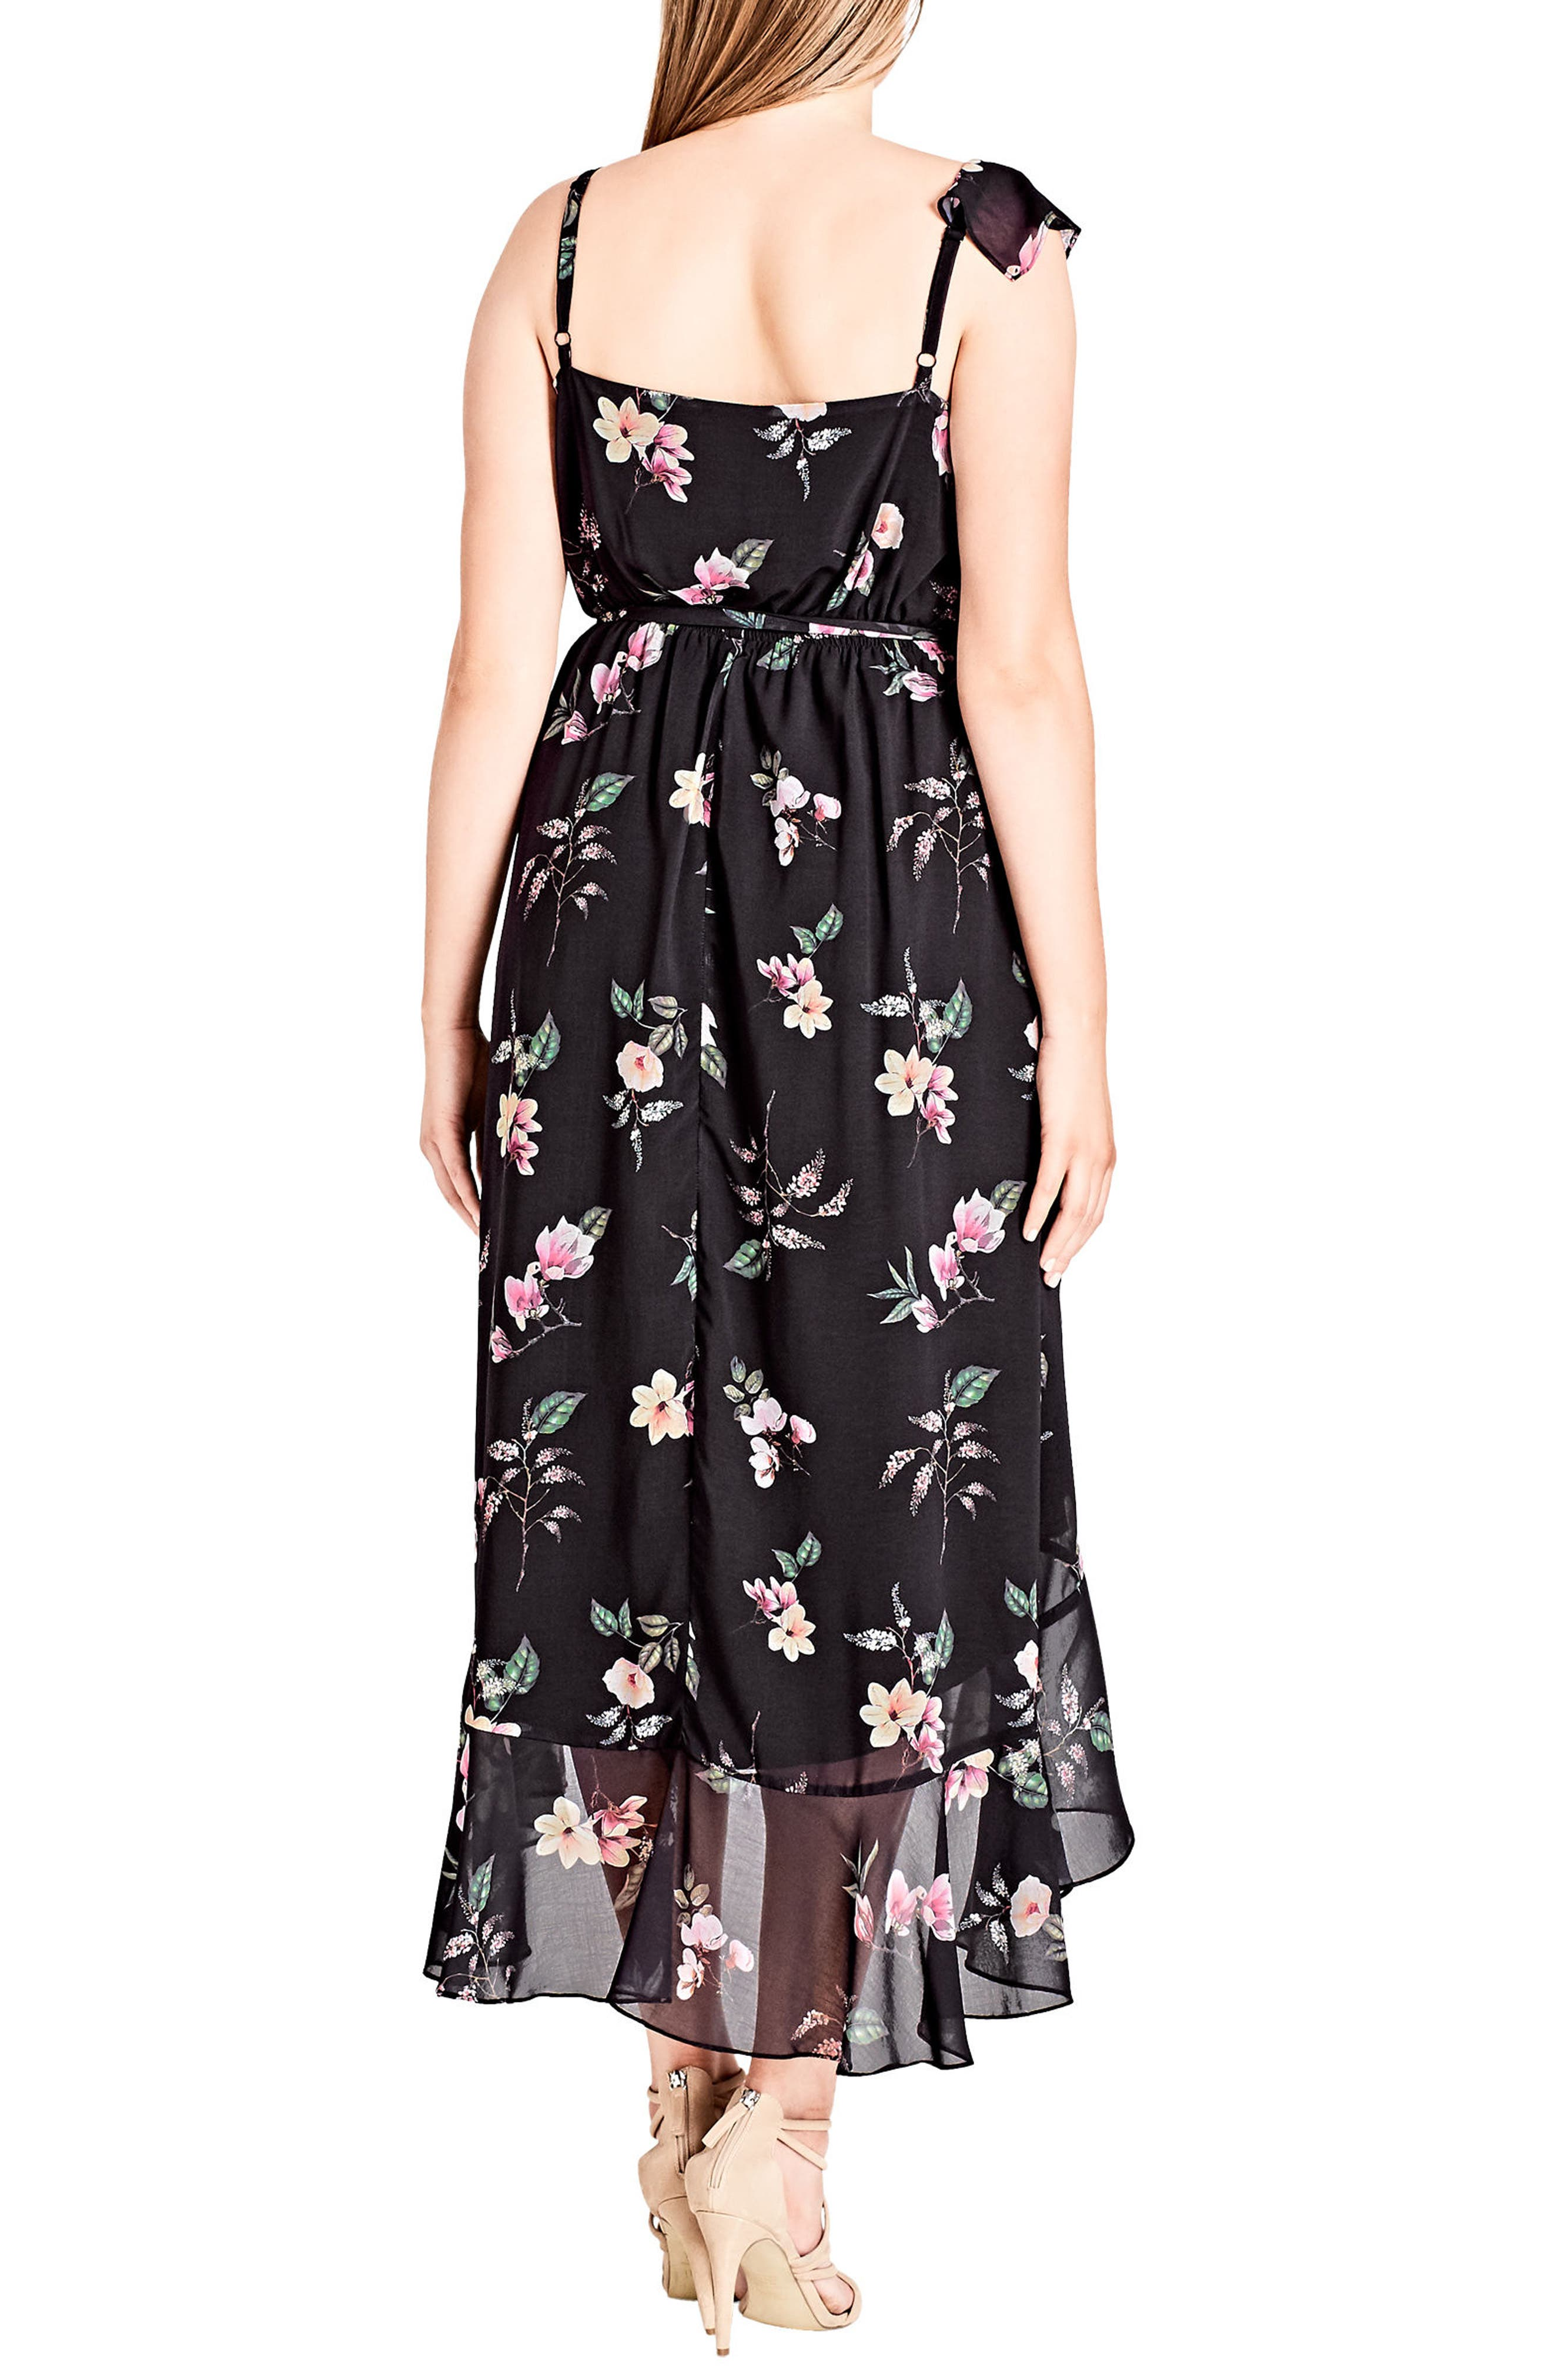 Captivate Floral Dress,                             Alternate thumbnail 2, color,                             001